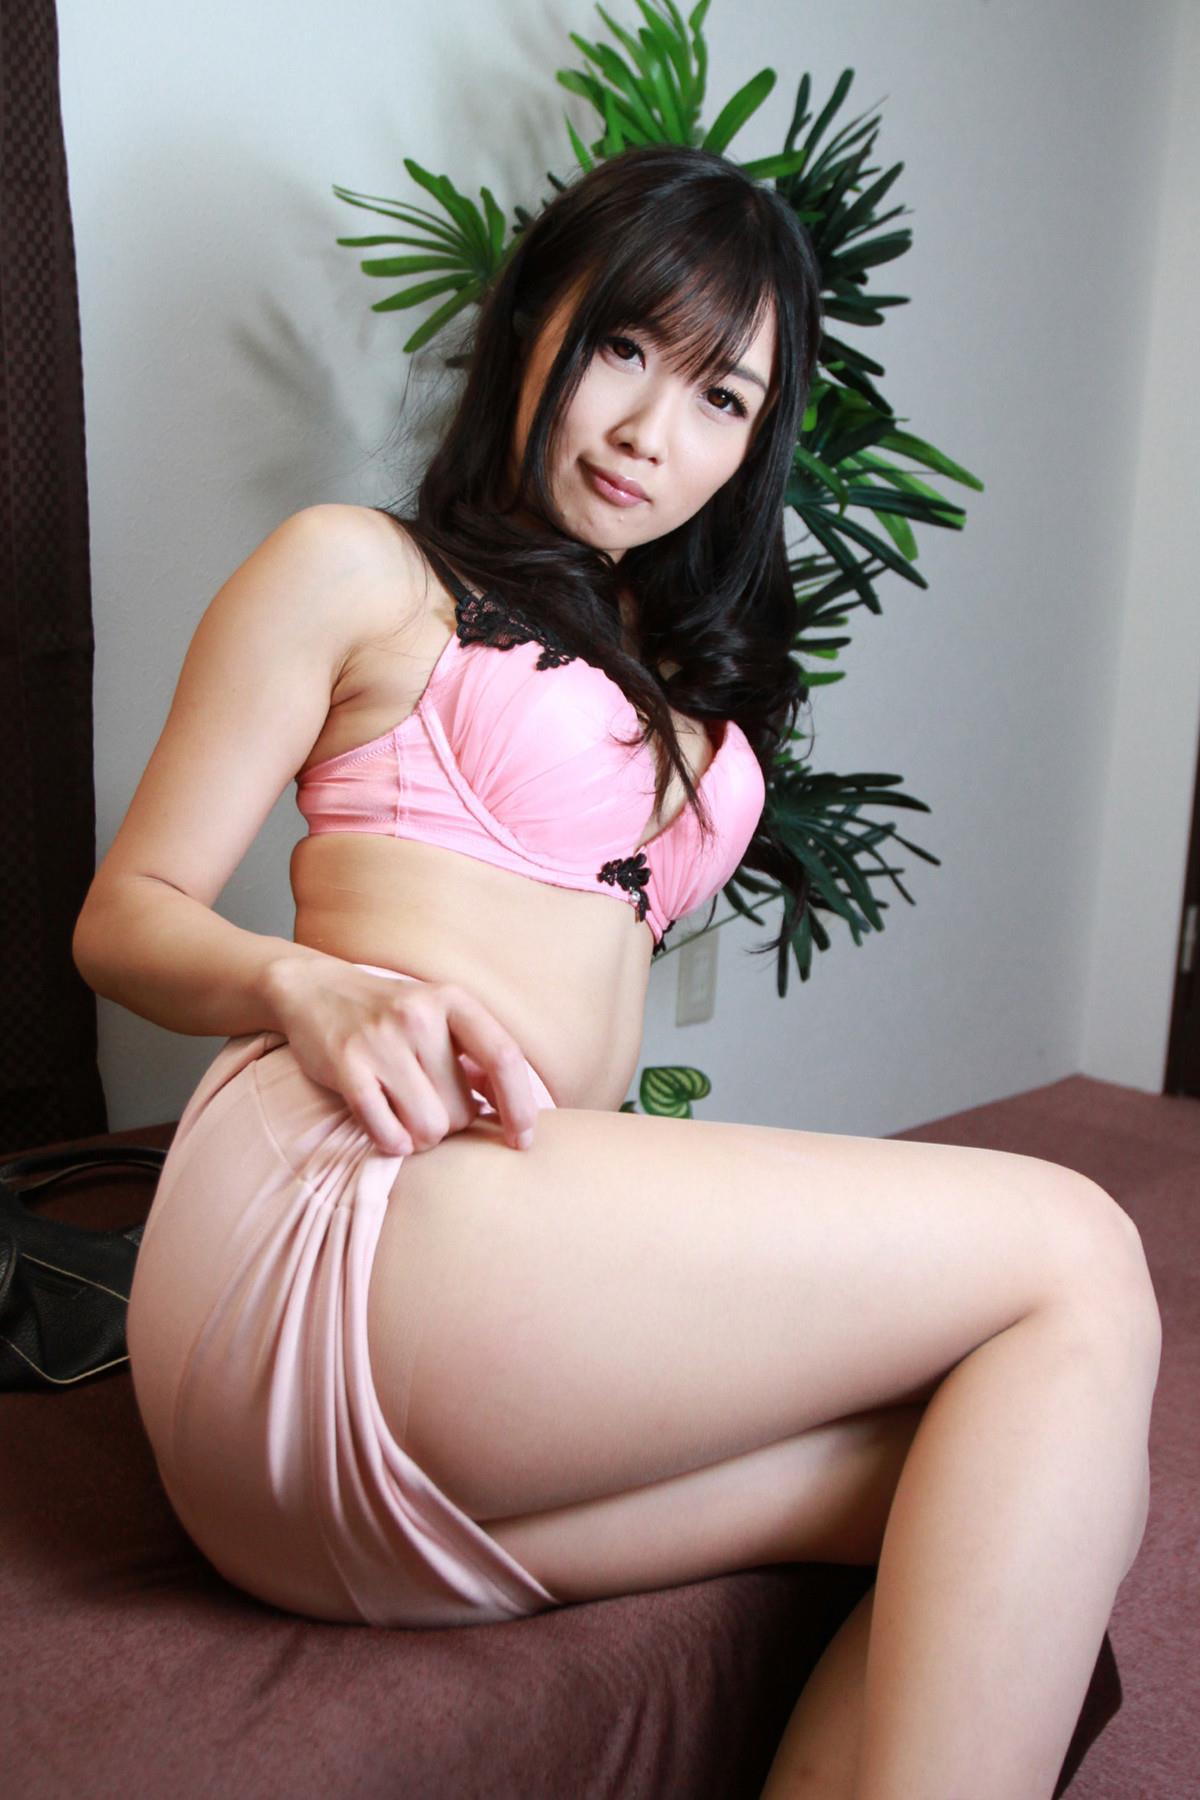 大槻ひびき エロ画像 28